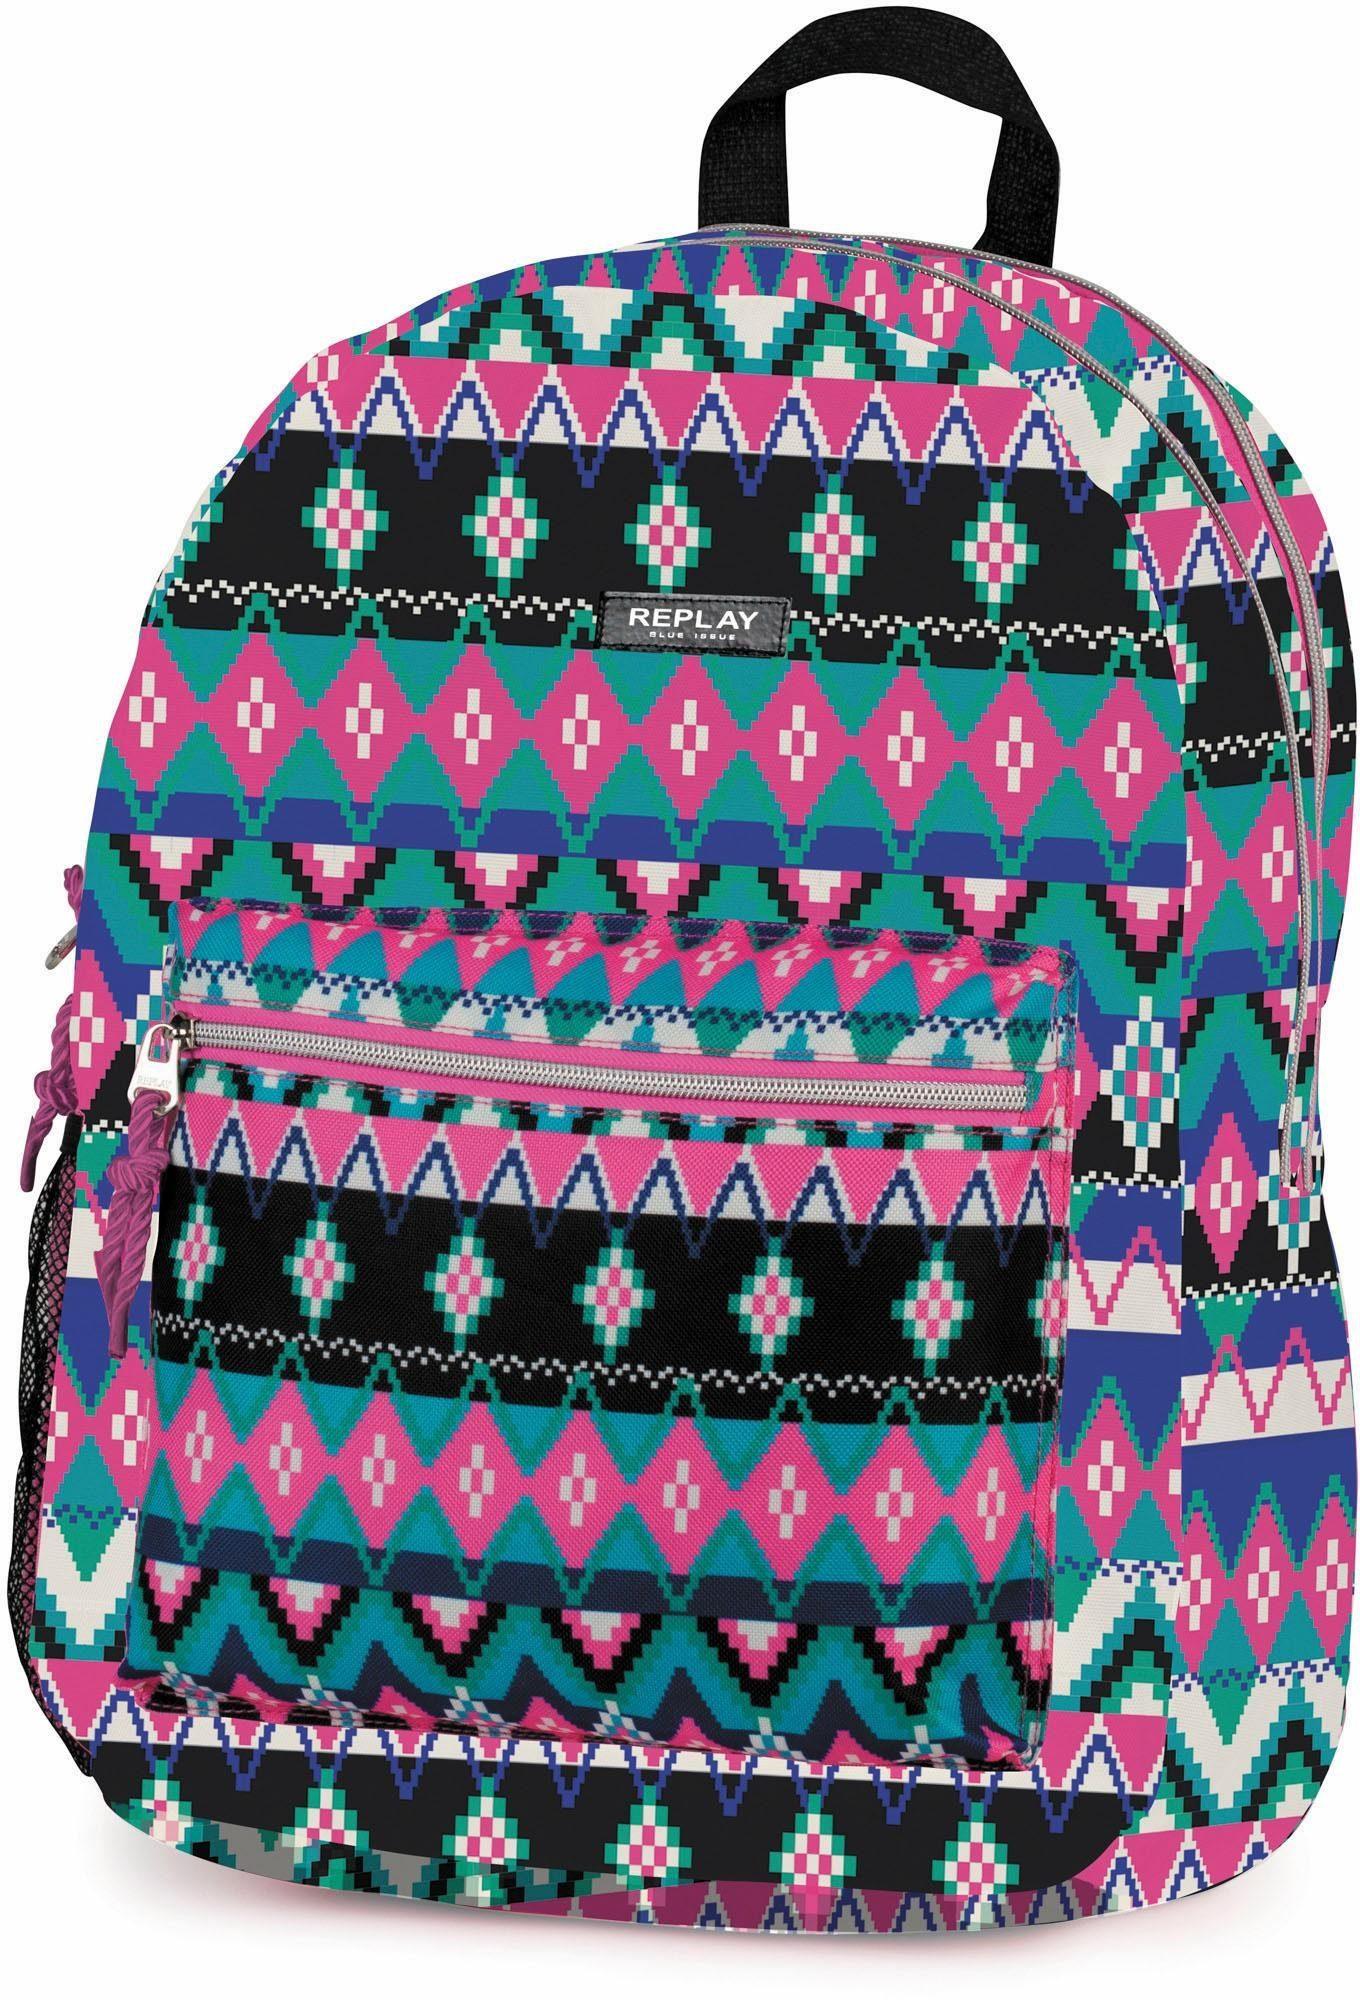 REPLAY Rucksack mit 2 Hauptfächern, »Fashion Girls, pink aztec«